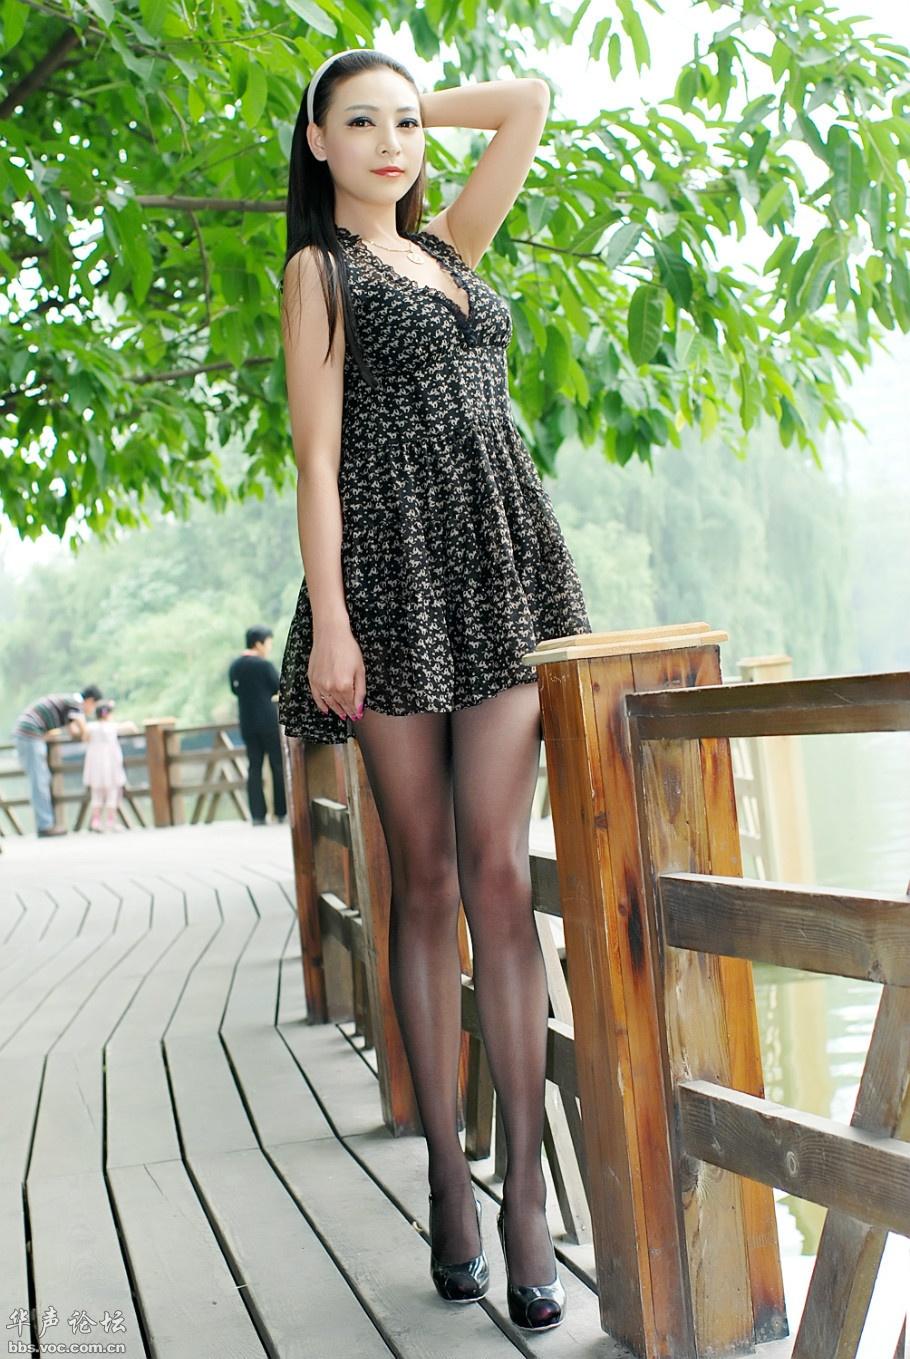 妇熟_迷人的长腿黑丝熟妇(页 1) - 美女贴图 - 华声论坛 -- 无图精简版